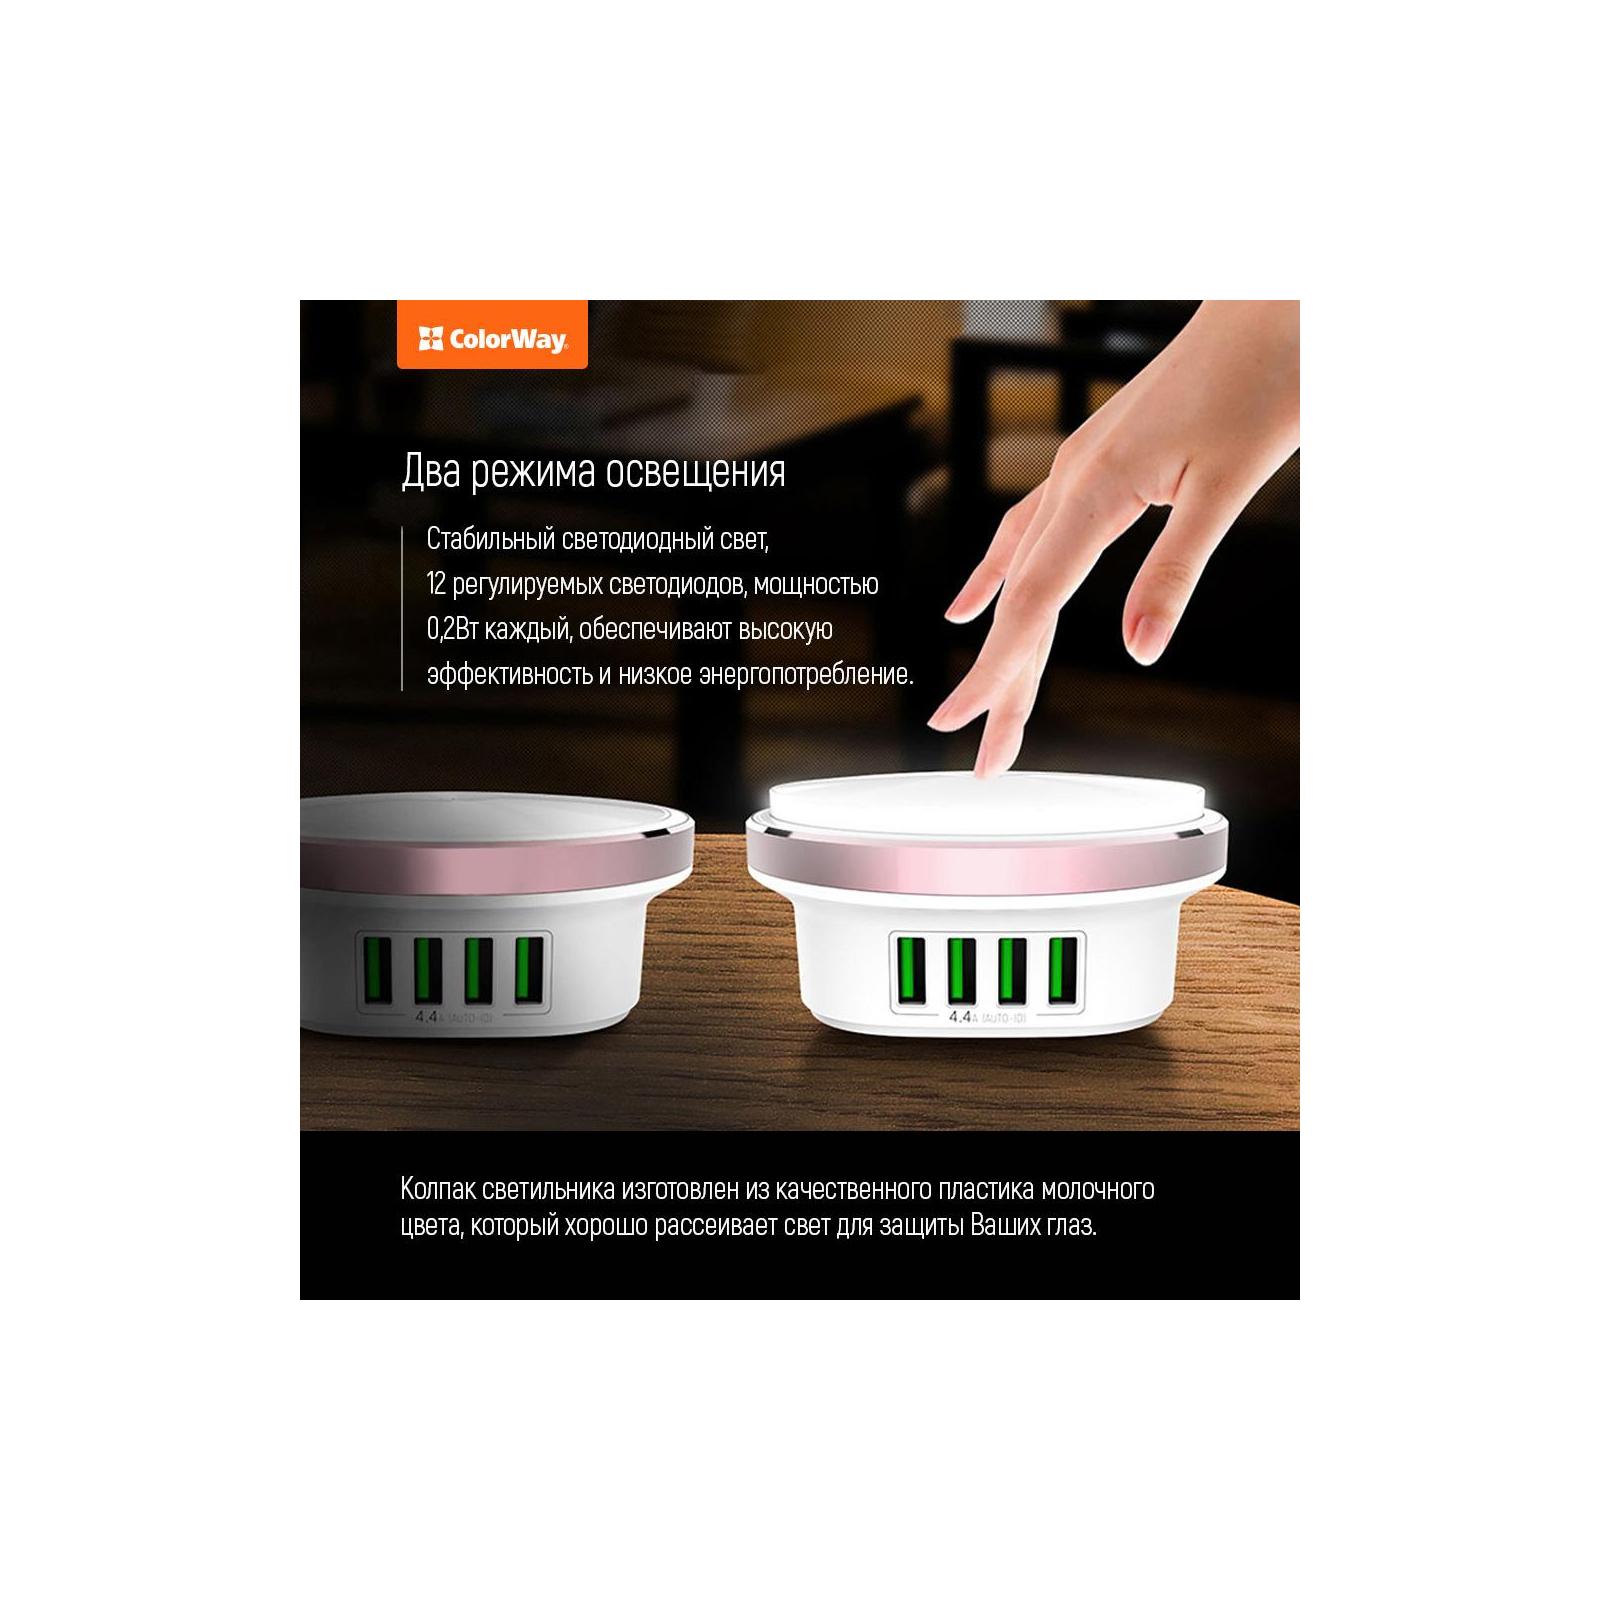 Зарядное устройство ColorWay 4*USB 4.4А + LED лампа 310 Lm (CW-CHL44A) изображение 4